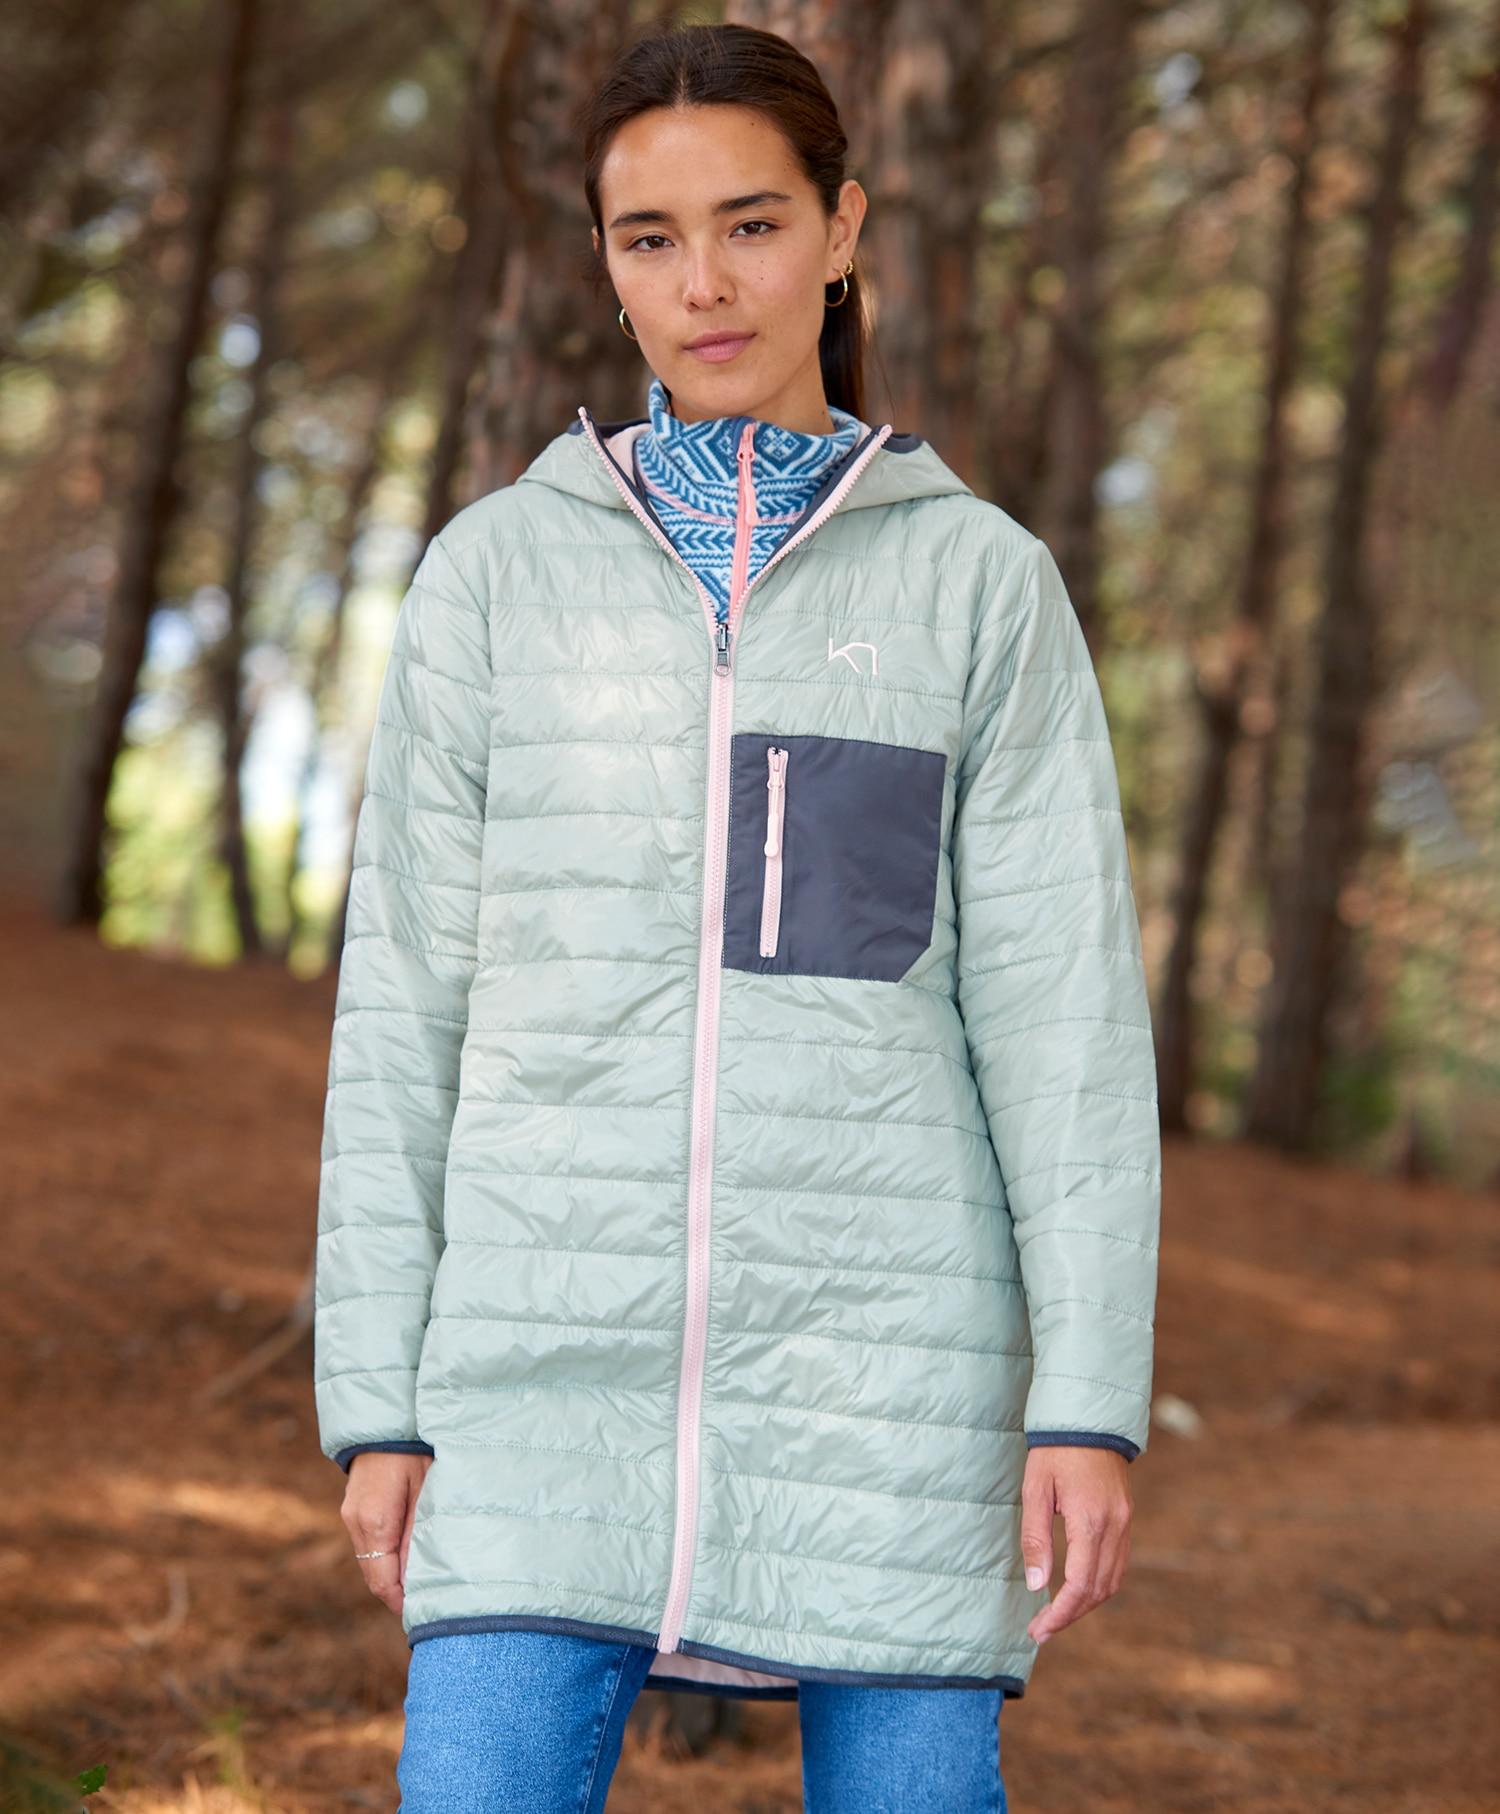 Kari Traa Kvitne jacket